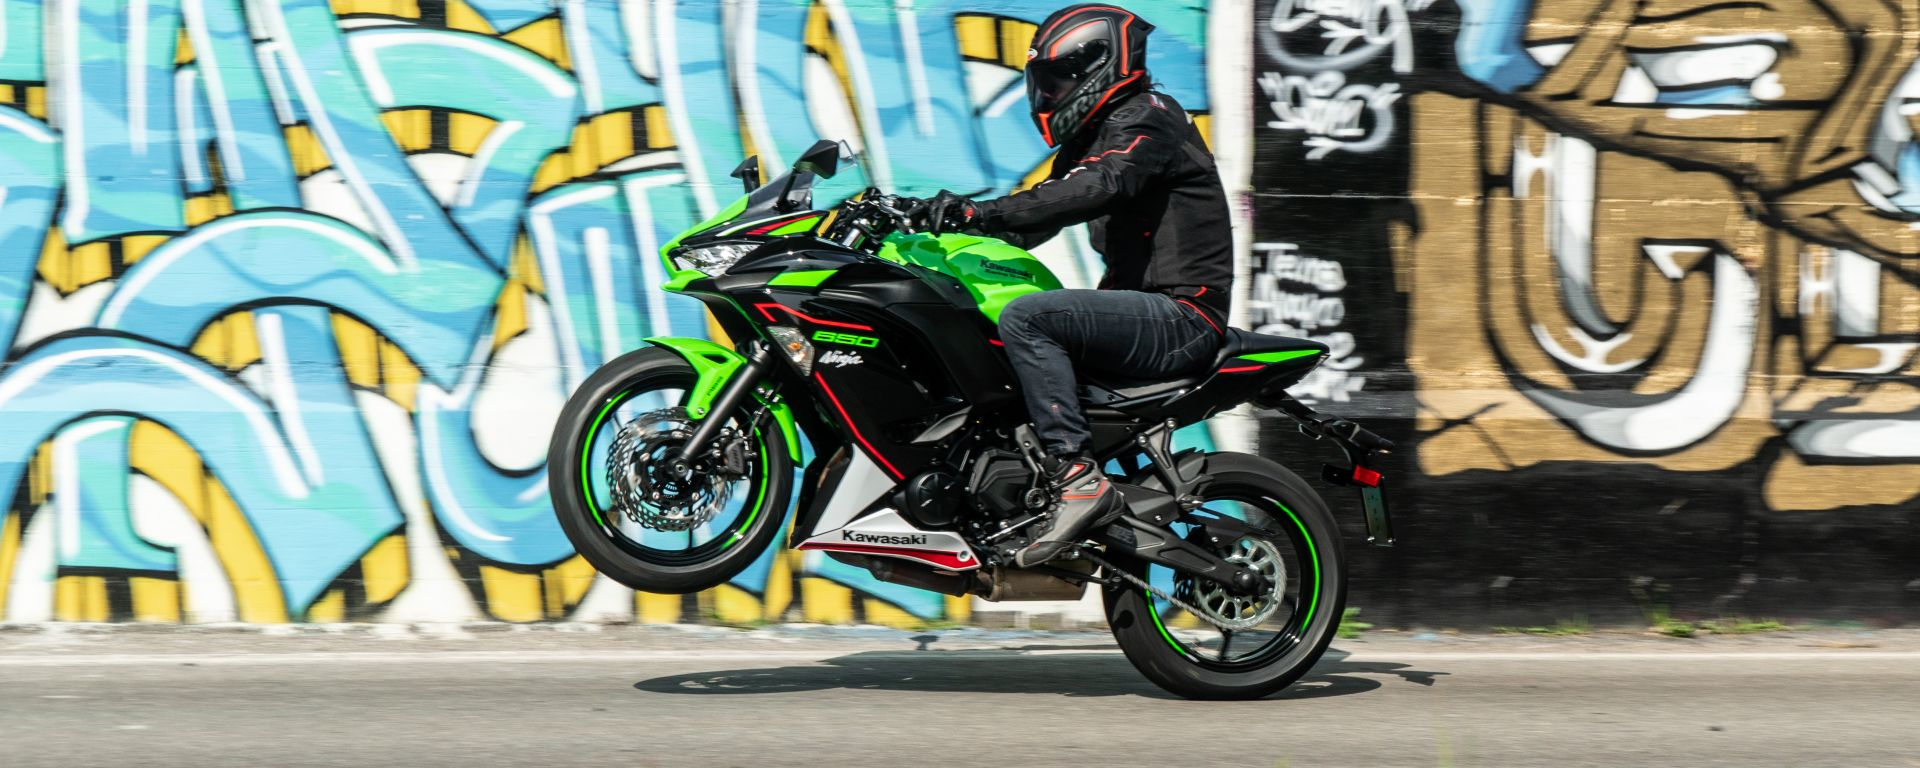 Kawasaki Ninja 650 2021: sportiva per tutti. La prova